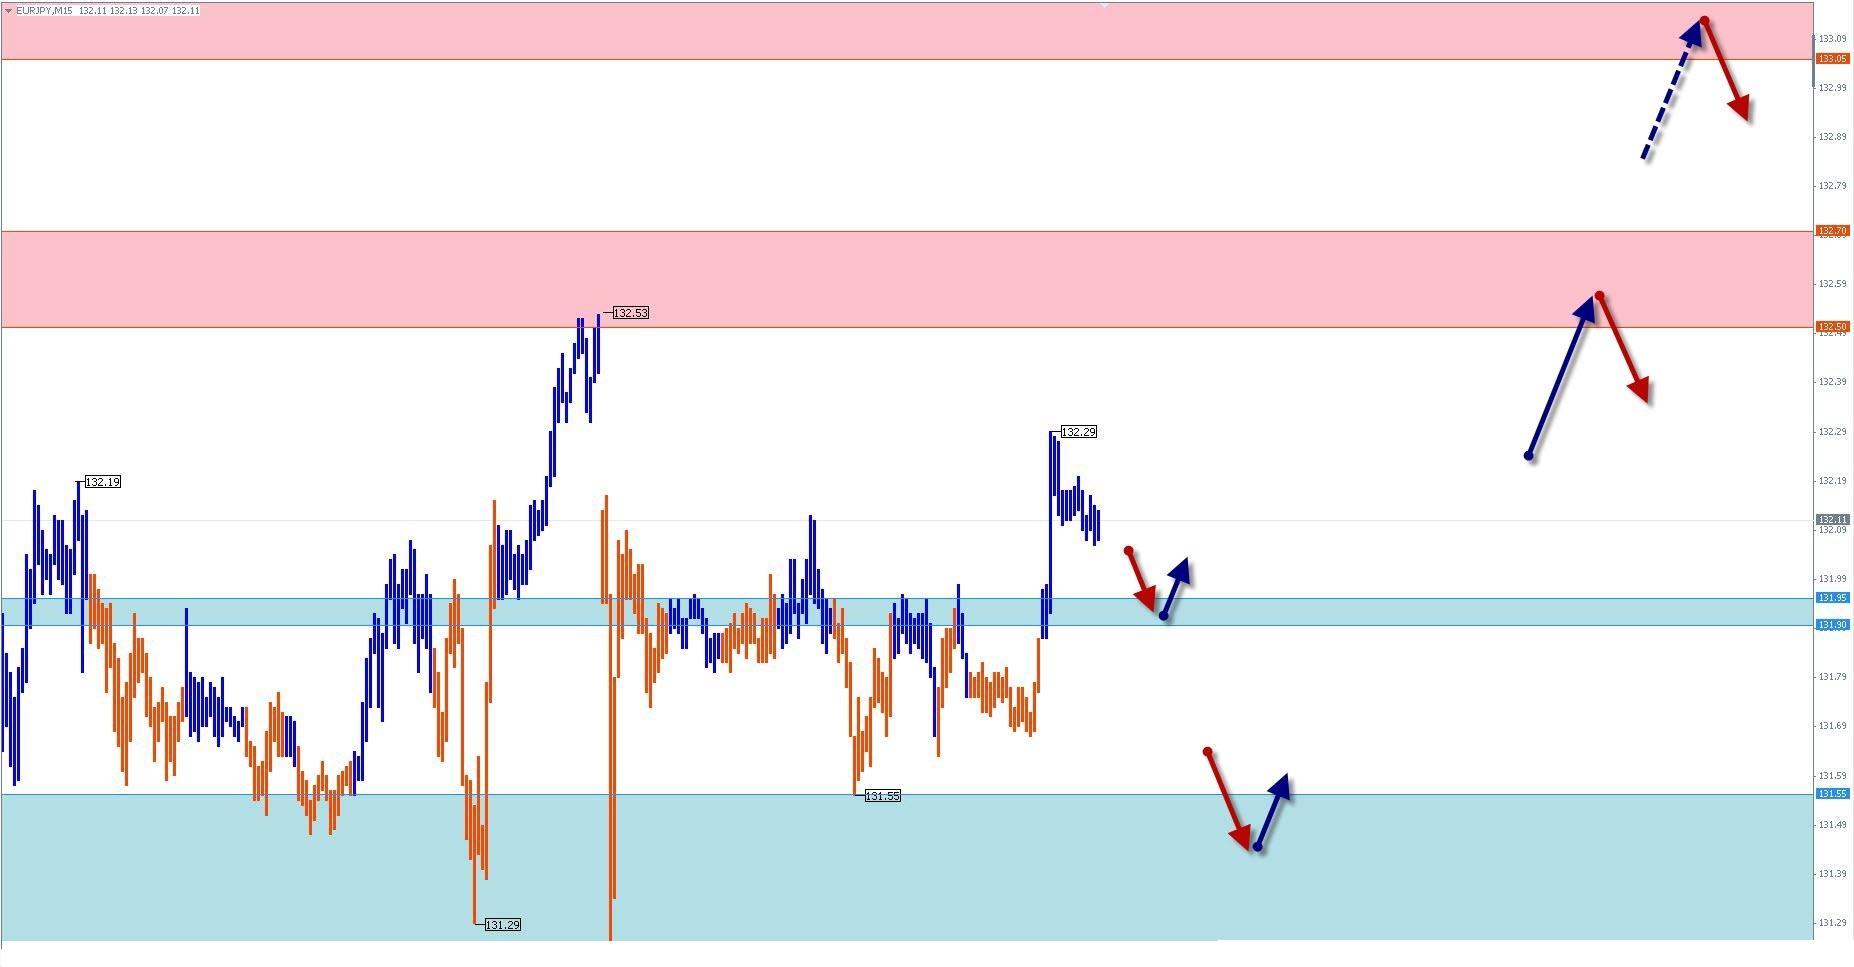 Прогноз по EUR/JPY на 21.05.13 г.